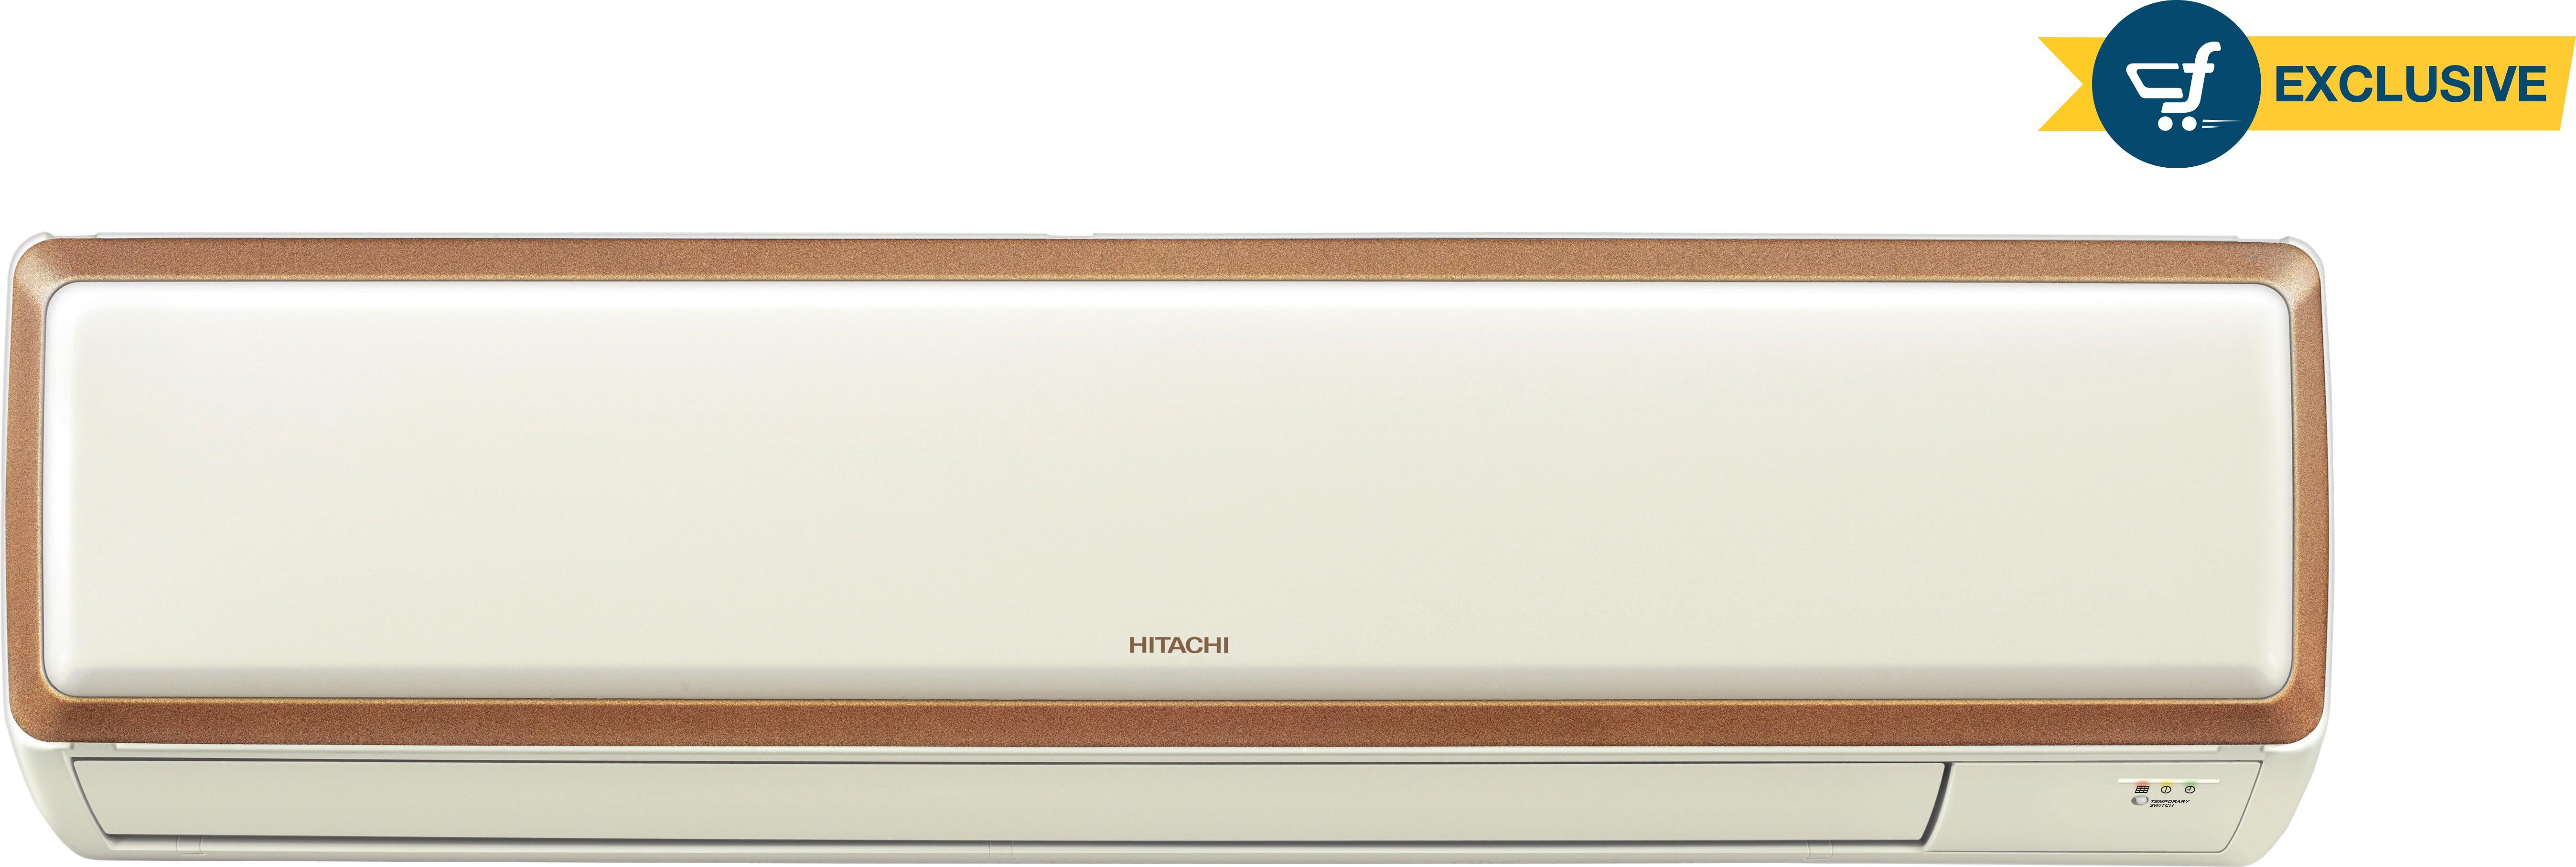 View Hitachi 1 Ton 3 Star Split AC White  Price Online